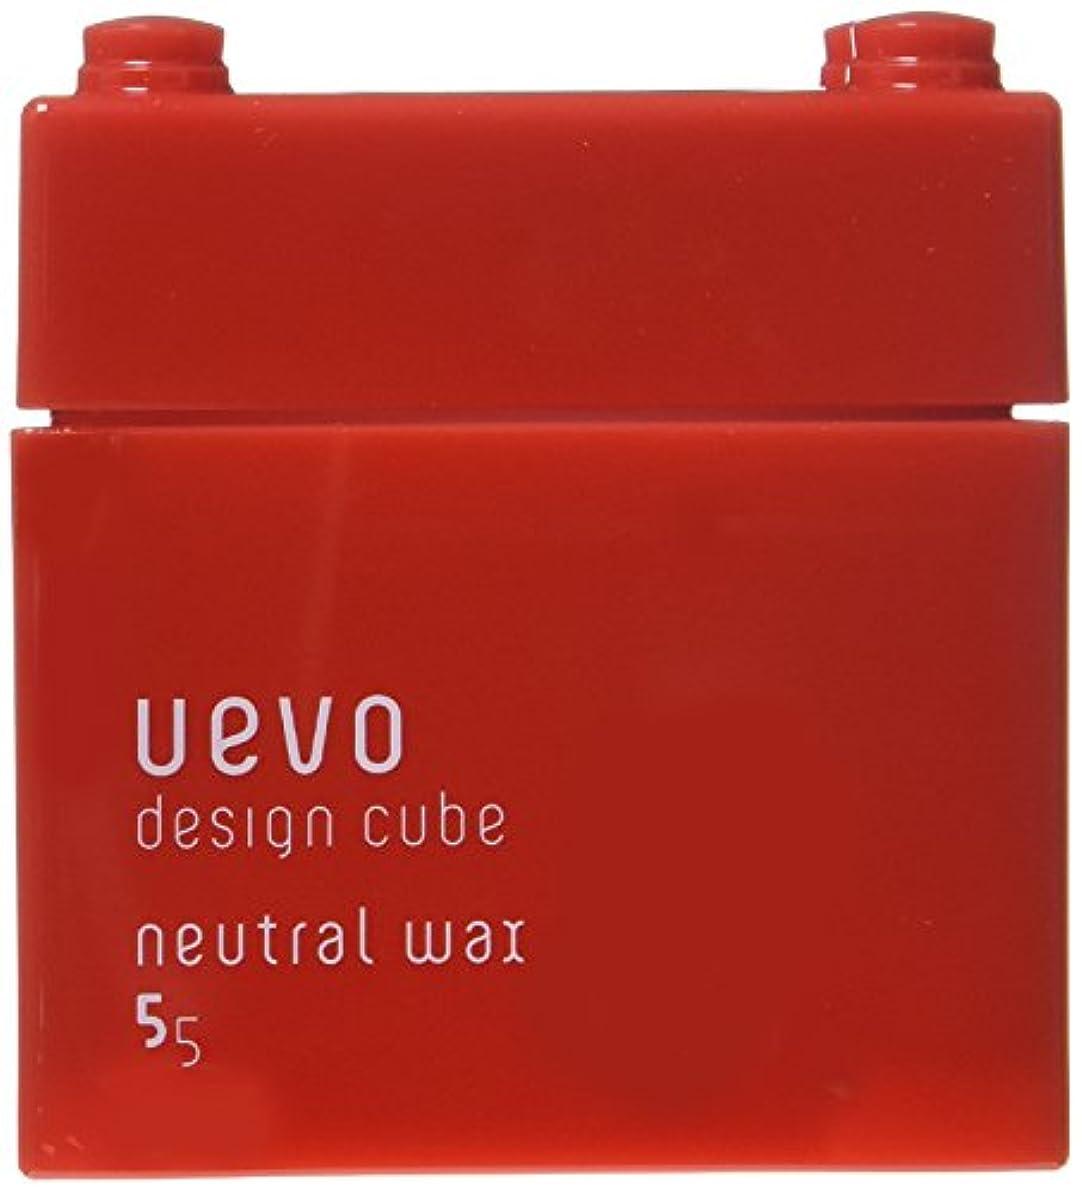 足マーカー自治的ウェーボ デザインキューブ ニュートラルワックス 80g